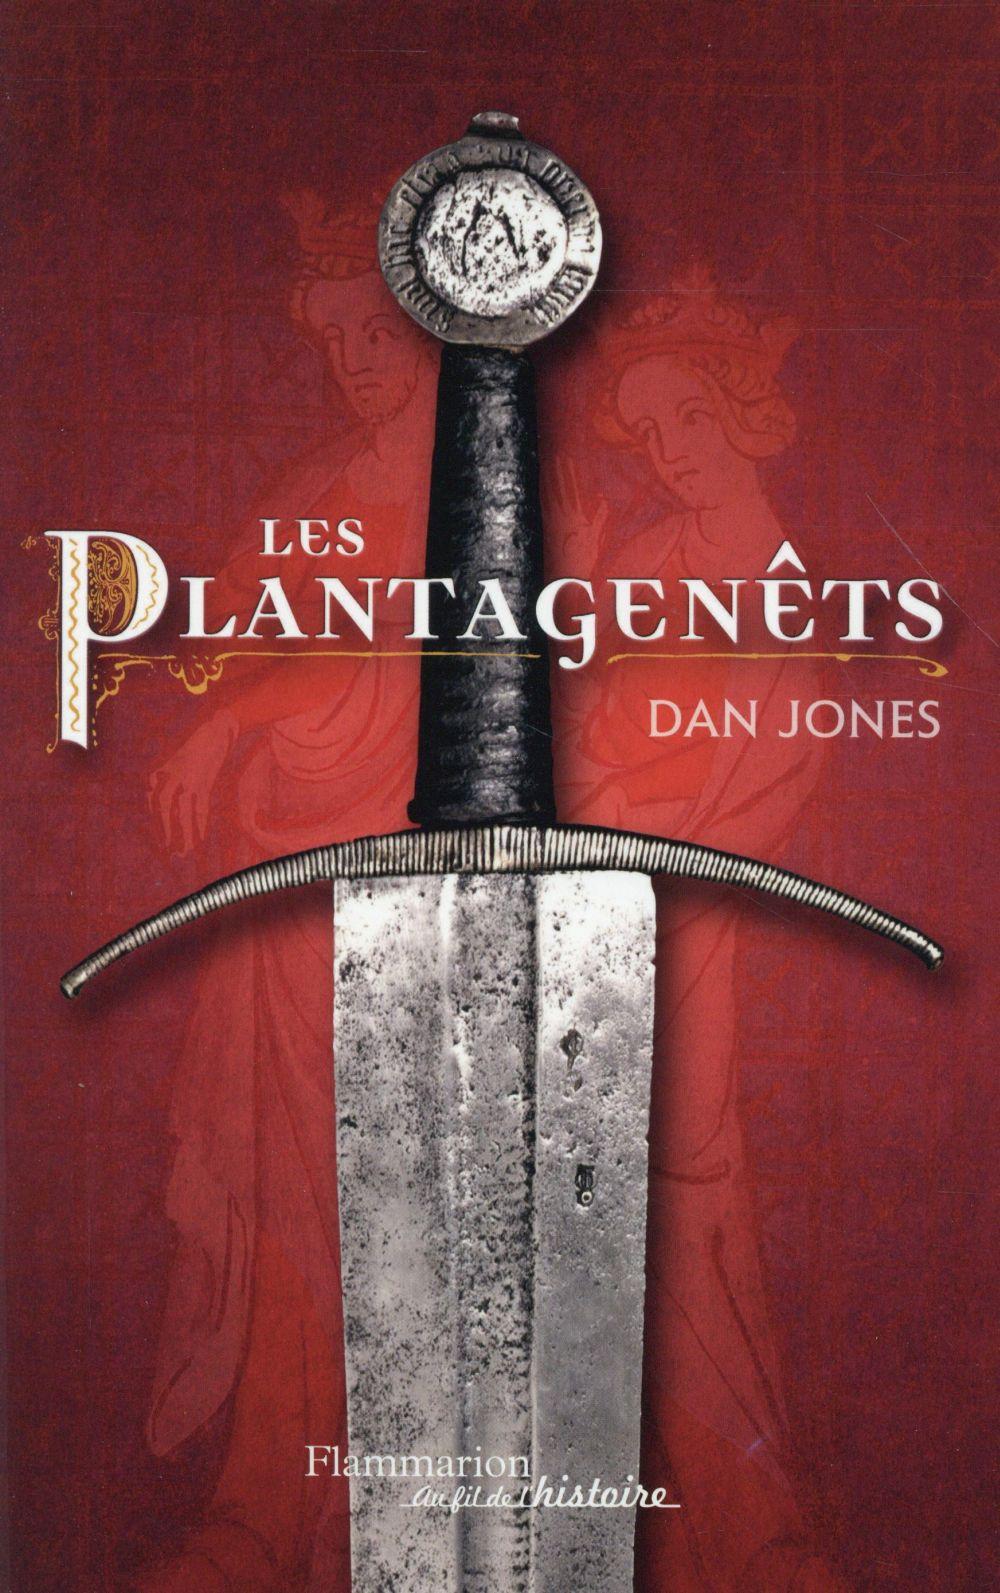 les Plantagenet